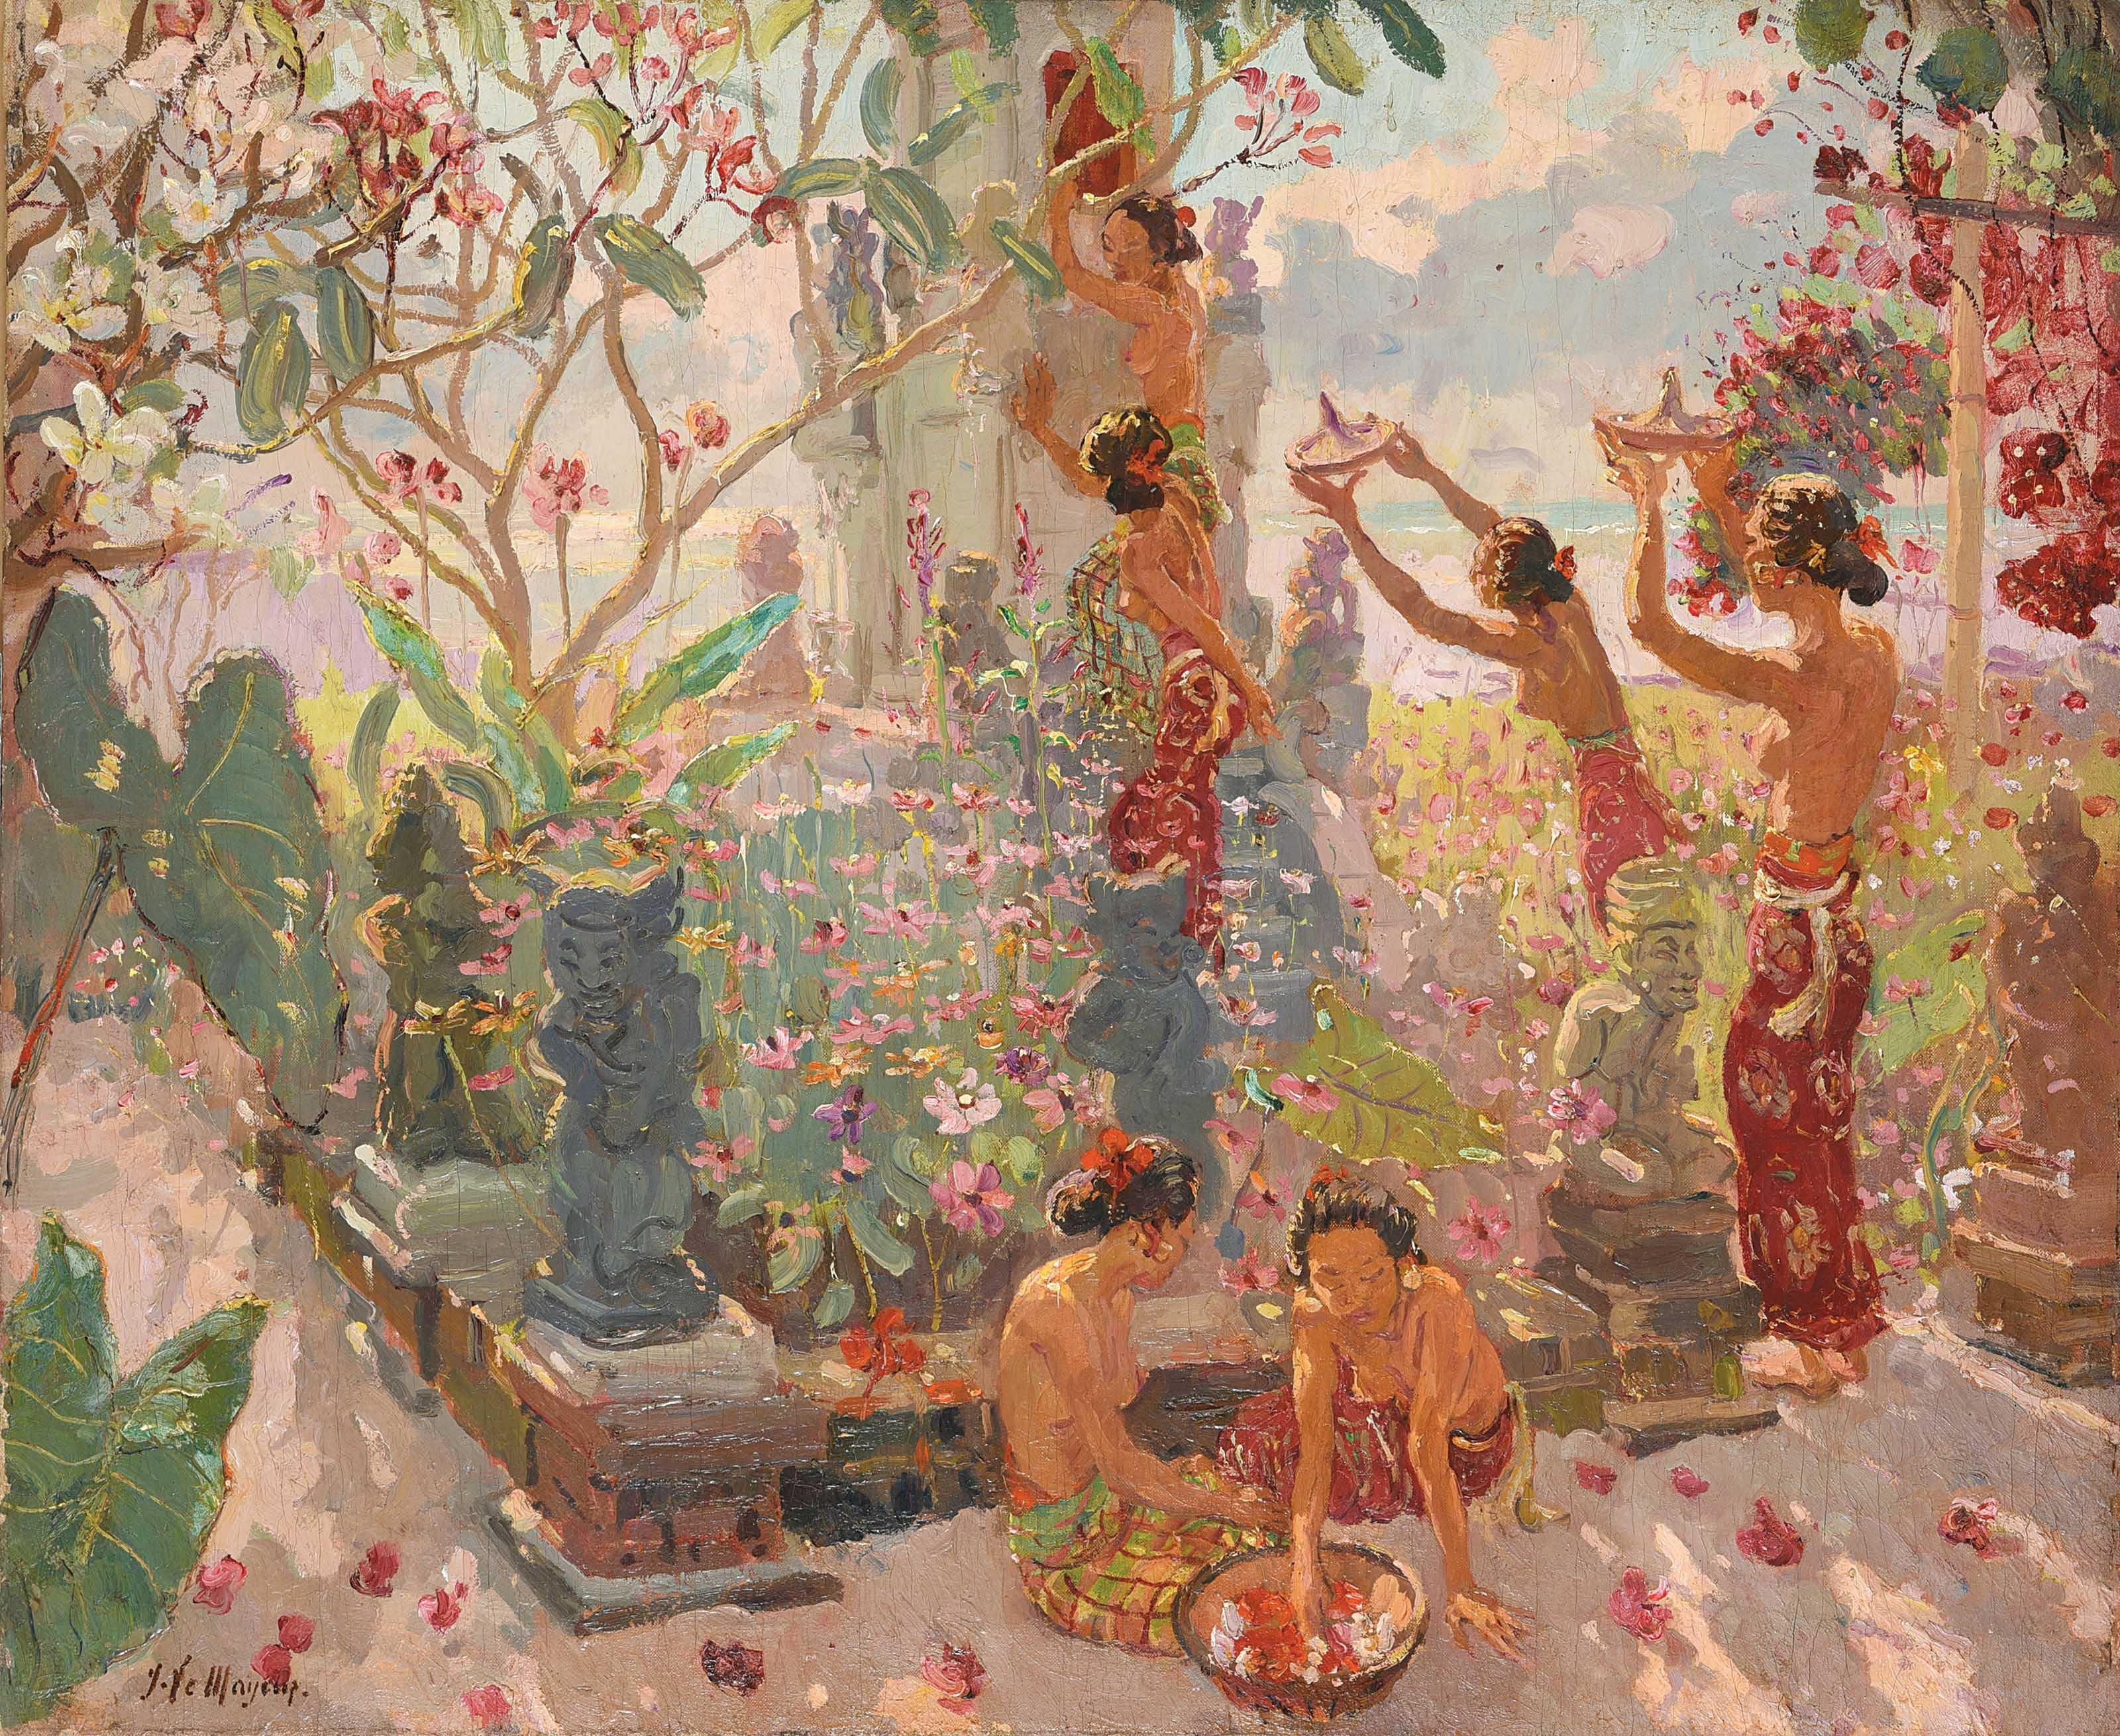 La Montée au Temple Bali (Ascension to the Temple Bali)